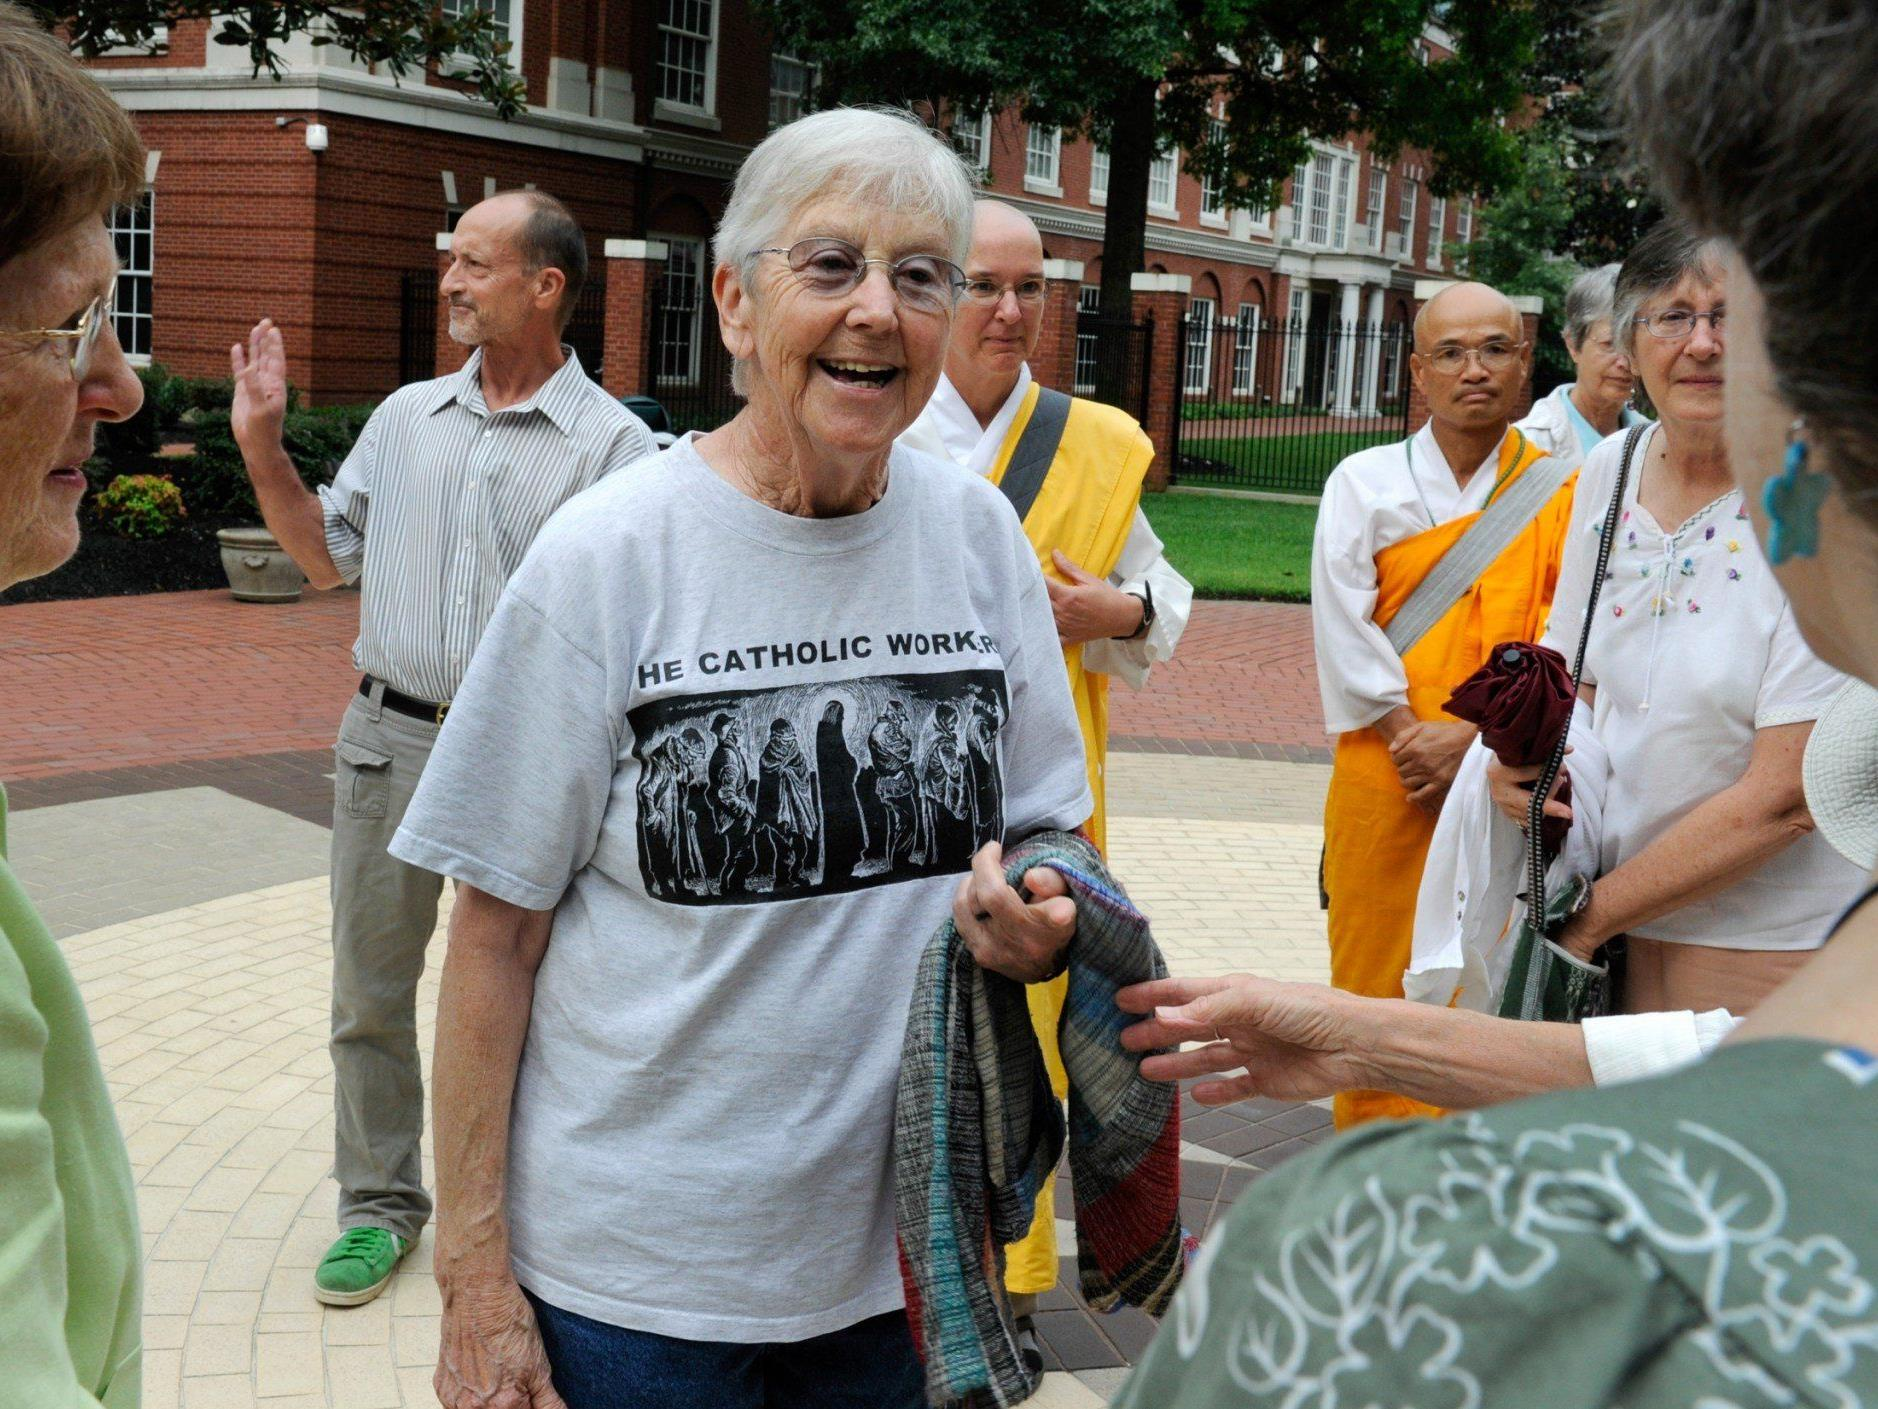 Schwester und Friedensaktivistin Megan Rice drang in ein US-Atomgelände ein.